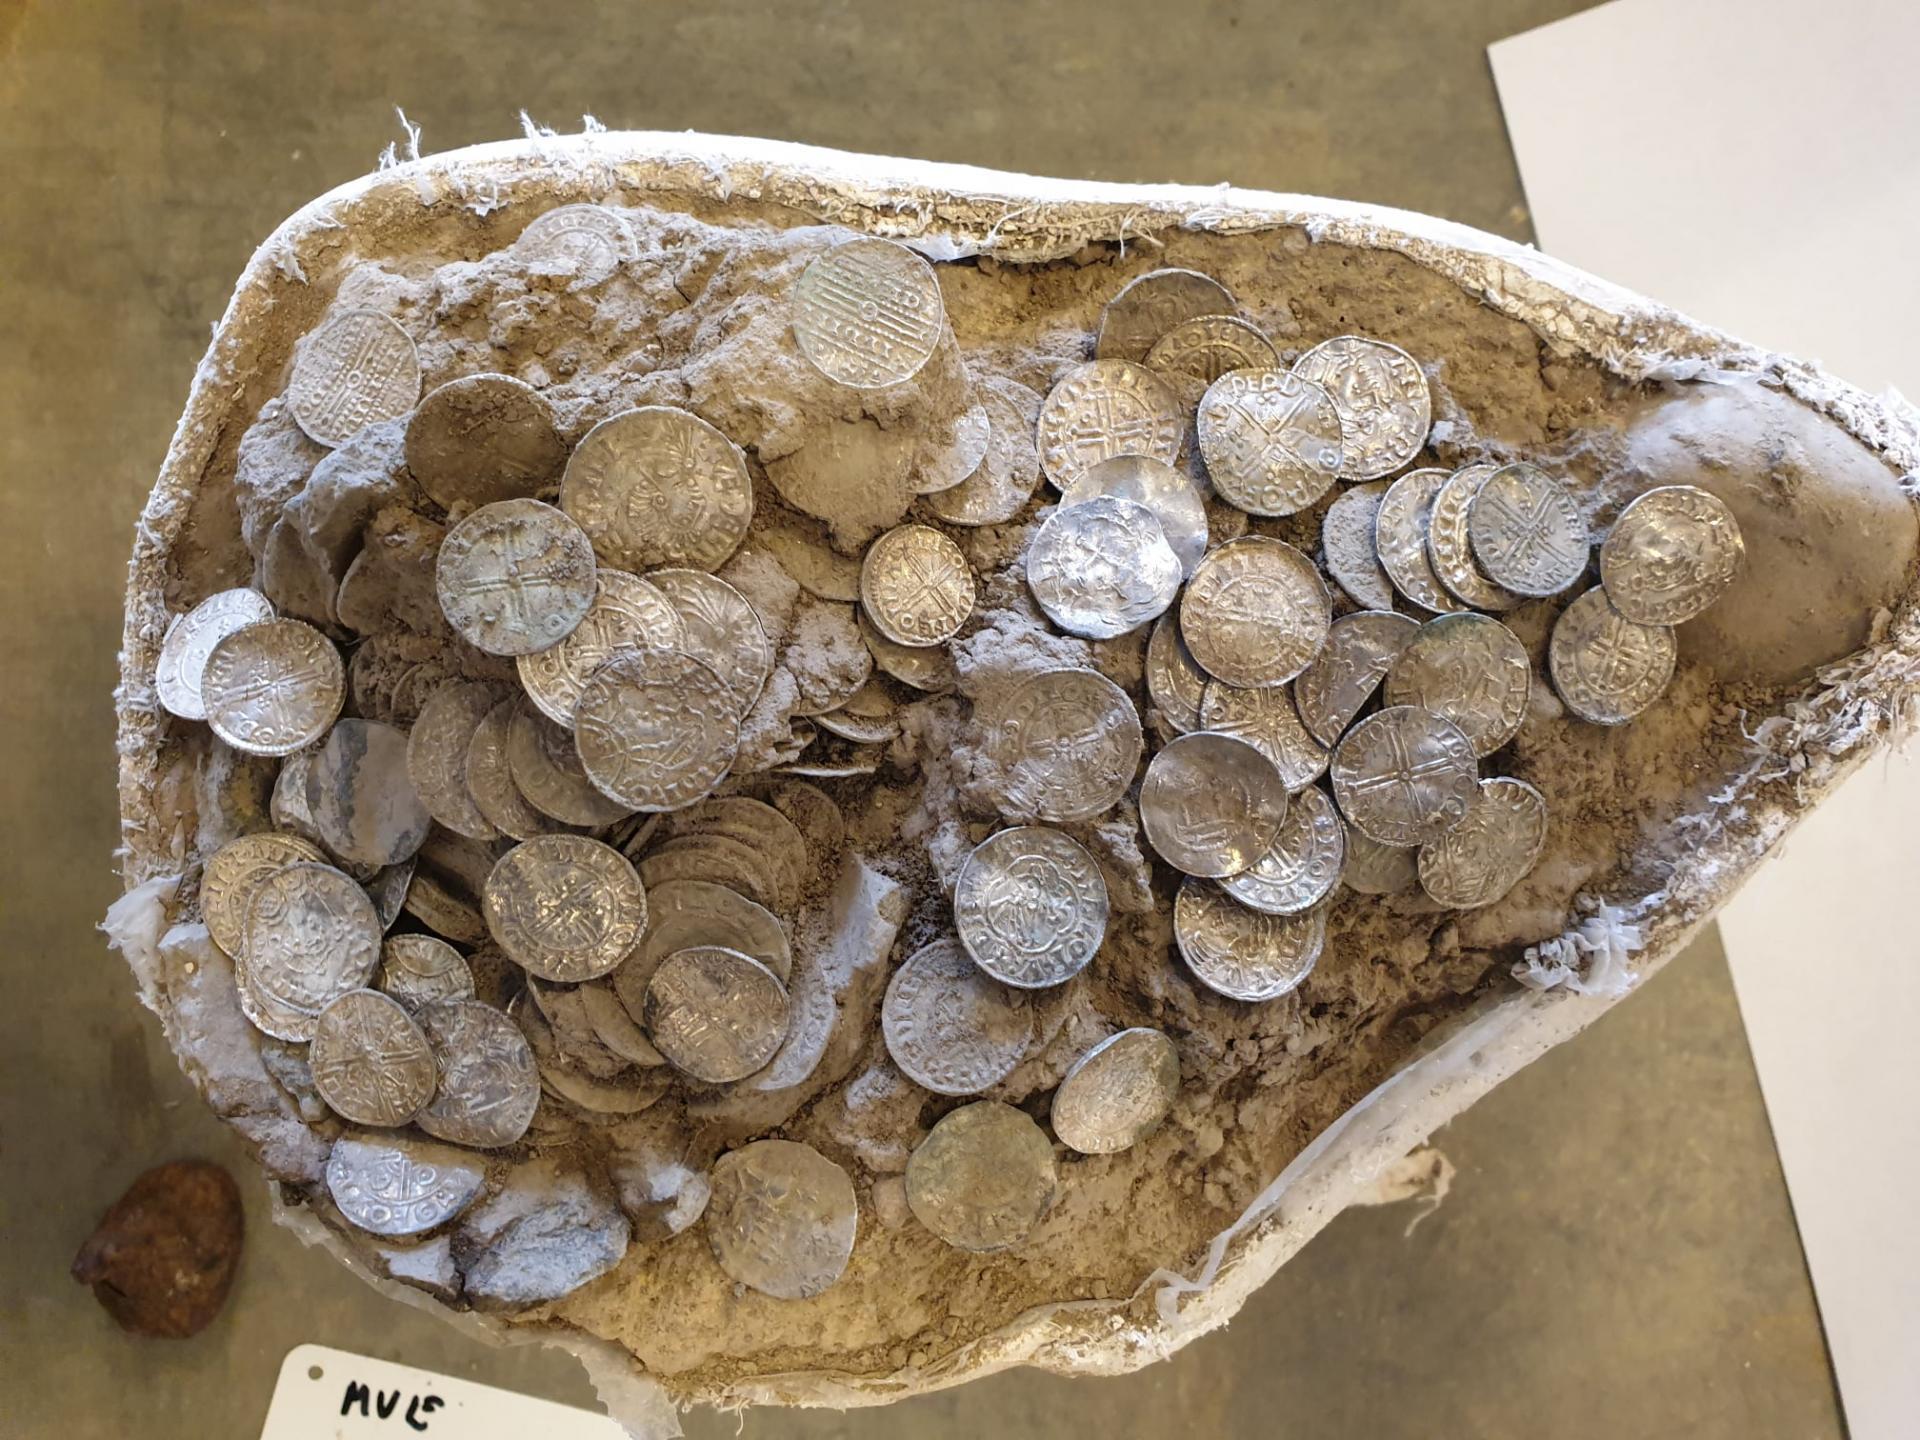 Danemark - Un trésor composé de 600 pièces de monnaie de la fin de l'Âge Viking découvert sur l'île de Seeland - Photo: Sorø Museum